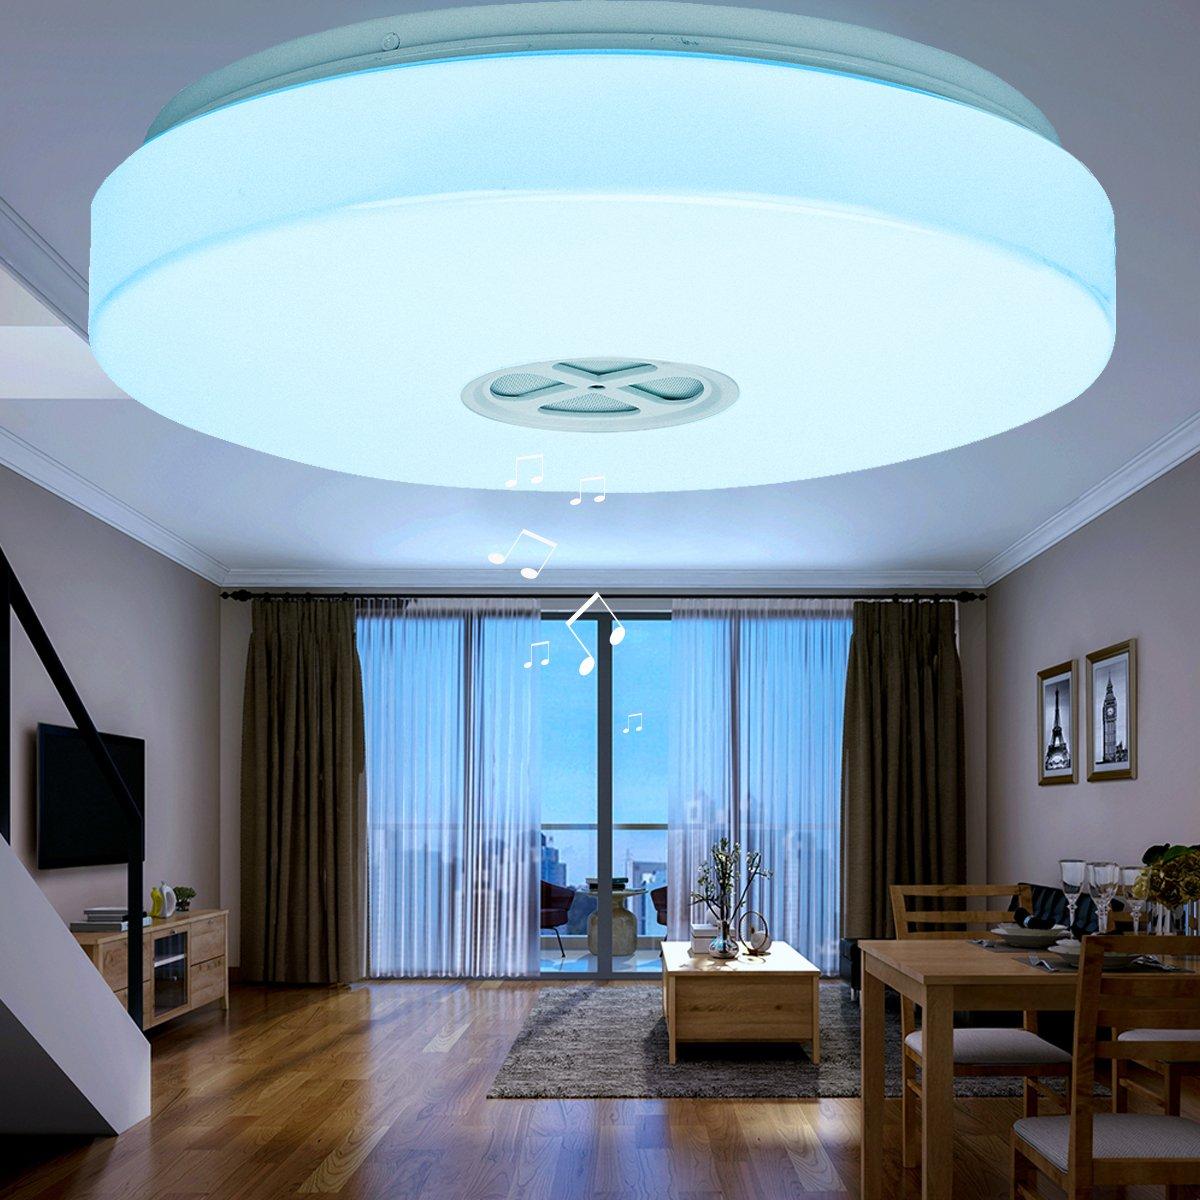 bad beleuchtung. Black Bedroom Furniture Sets. Home Design Ideas